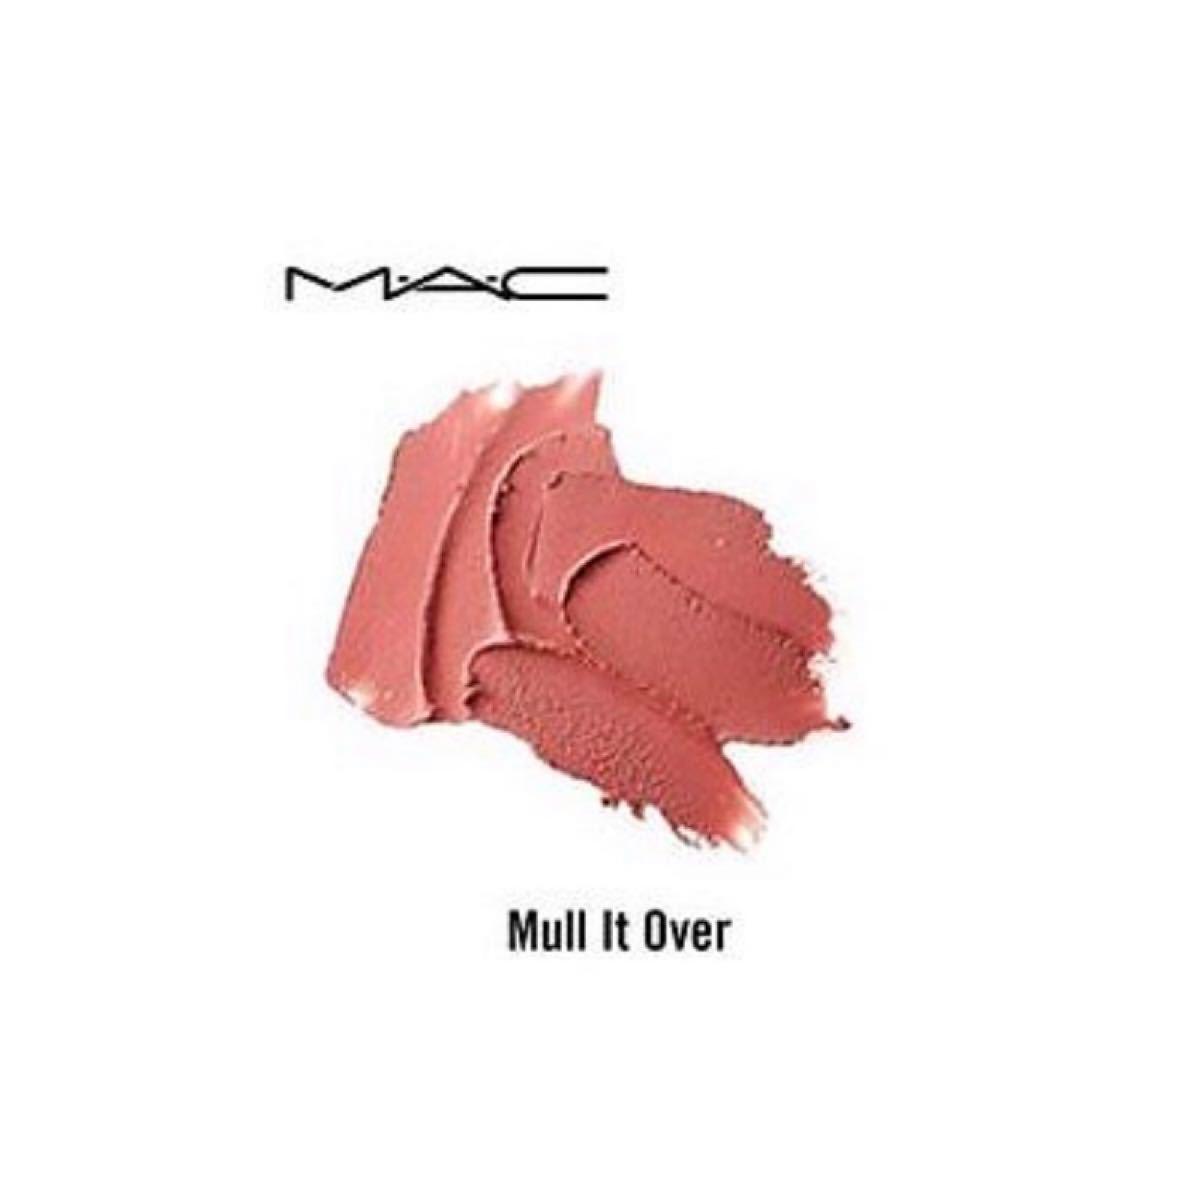 MAC/【MULL IT OVER】パウダーキス  リップスティック 口紅 マック